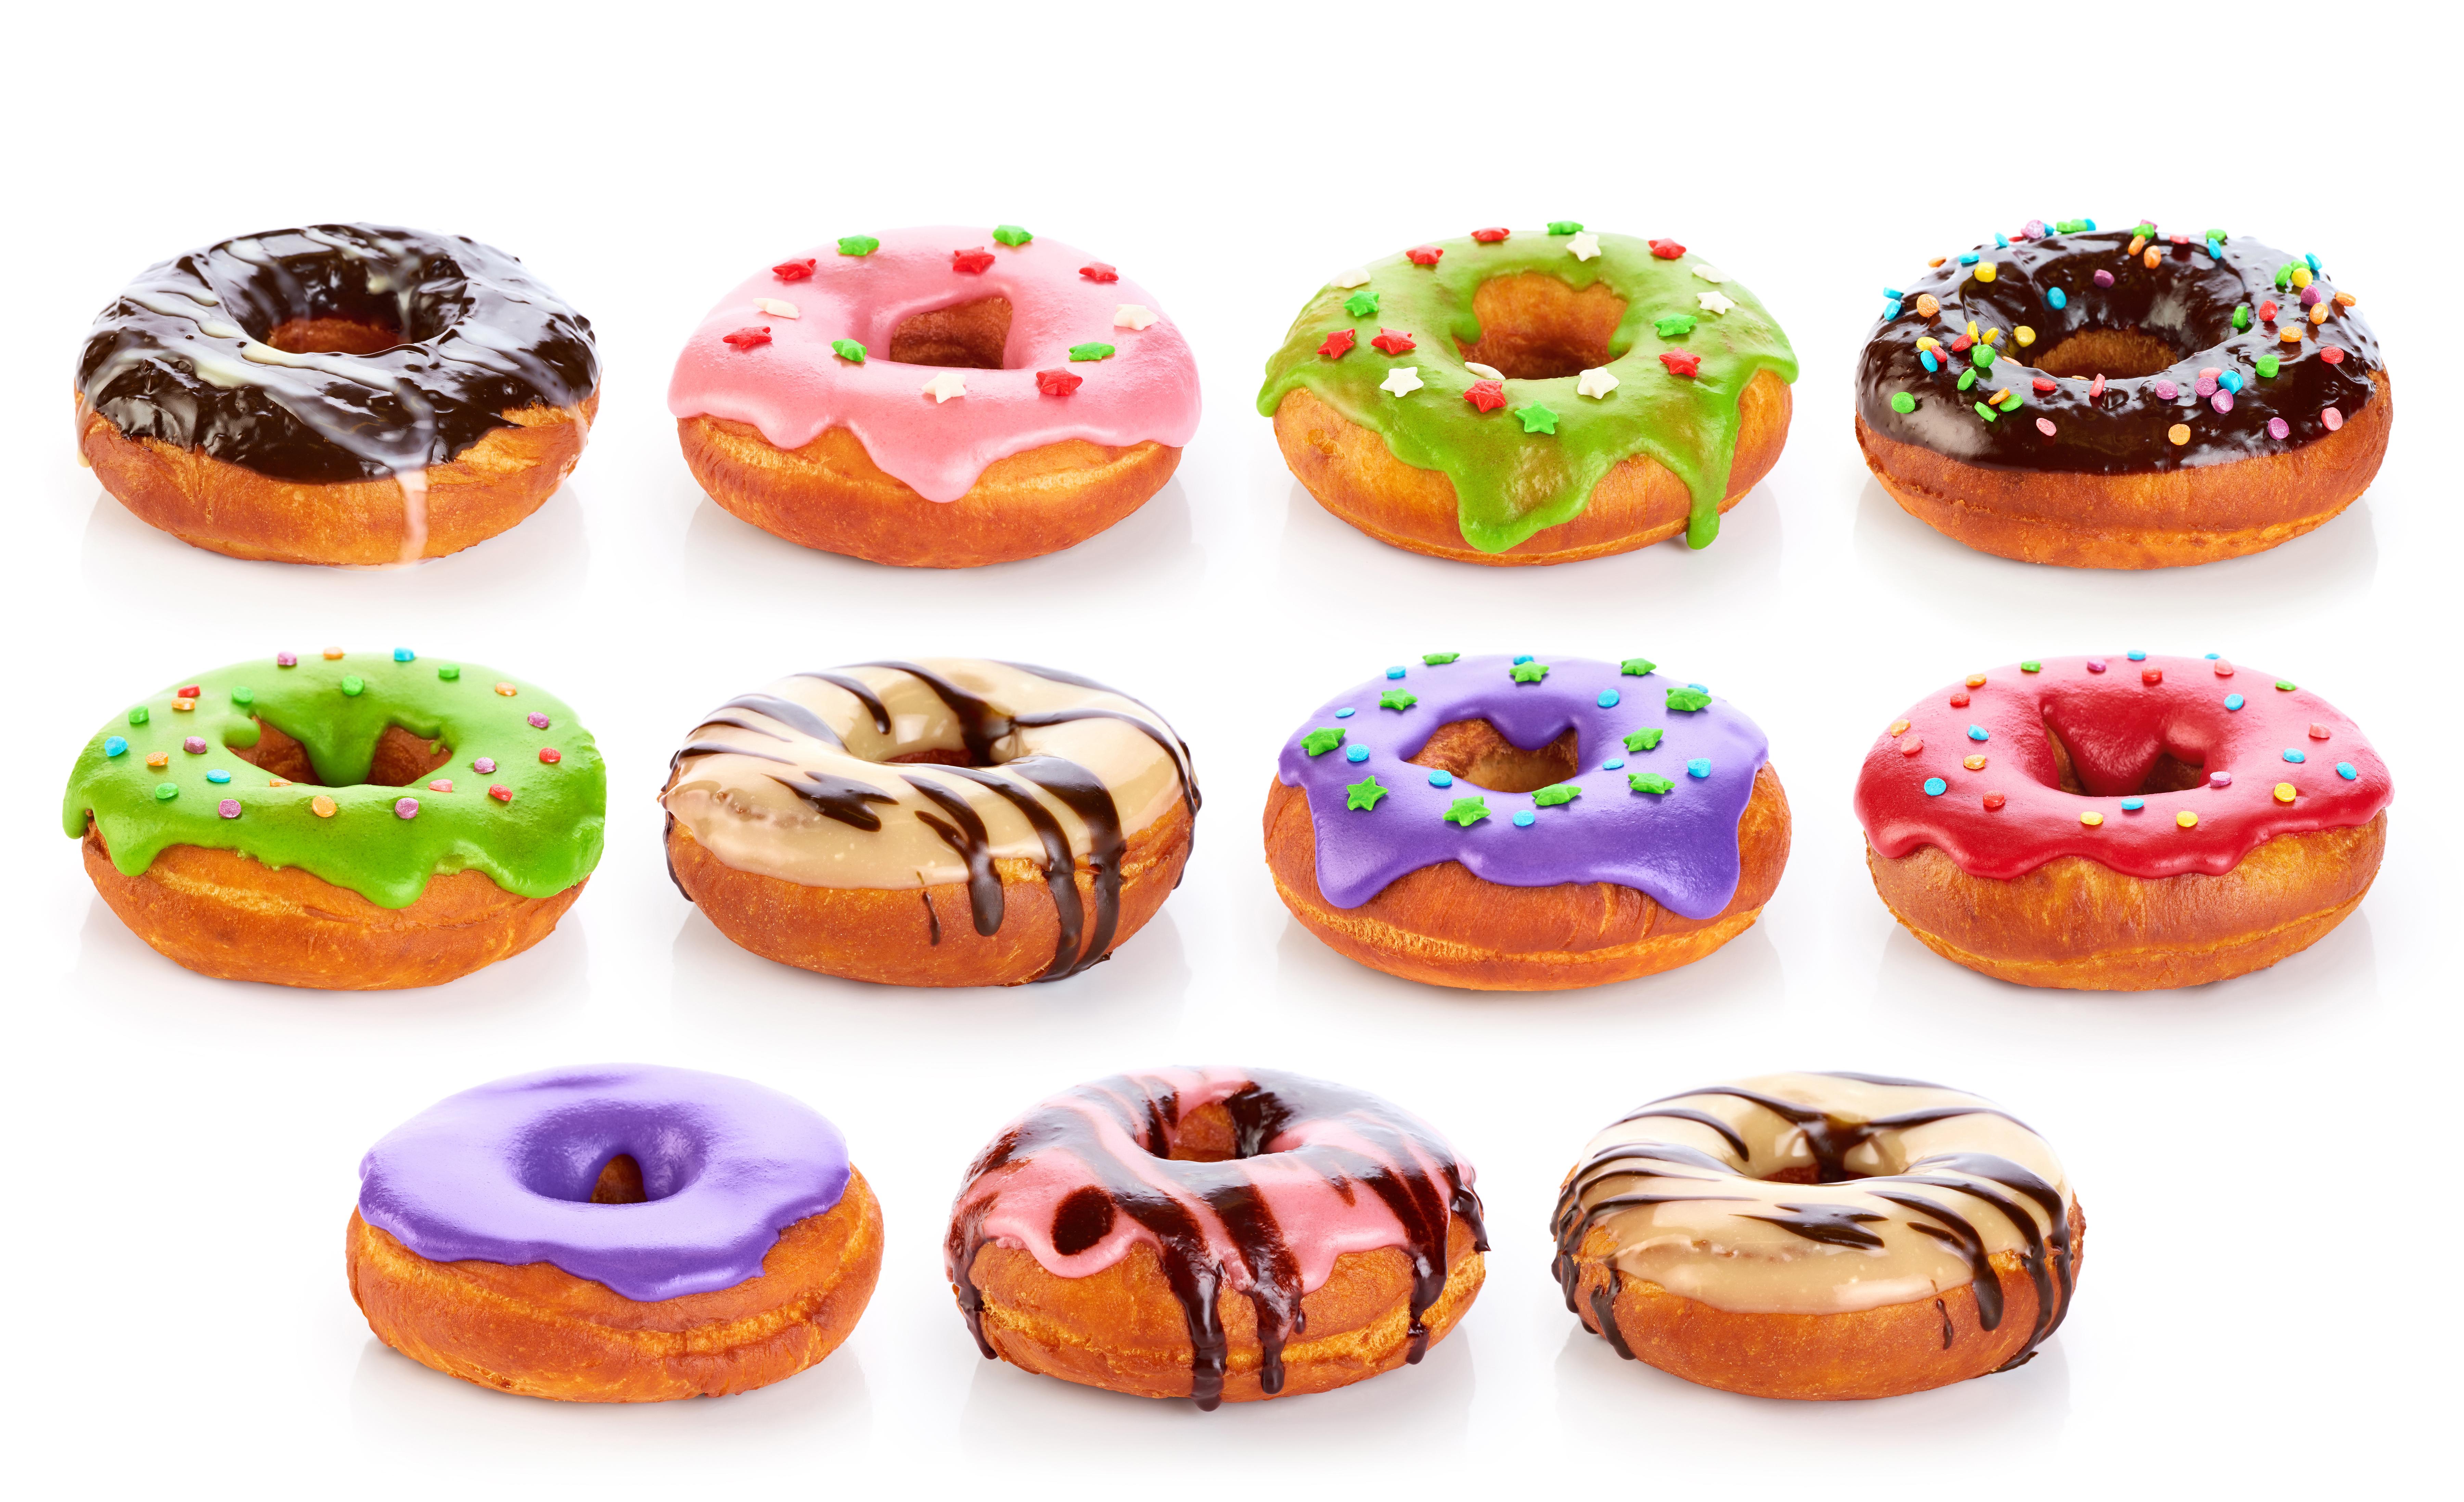 Картинка Разноцветные Шоколад Пончики Еда белом фоне 7200x4390 Пища Продукты питания Белый фон белым фоном